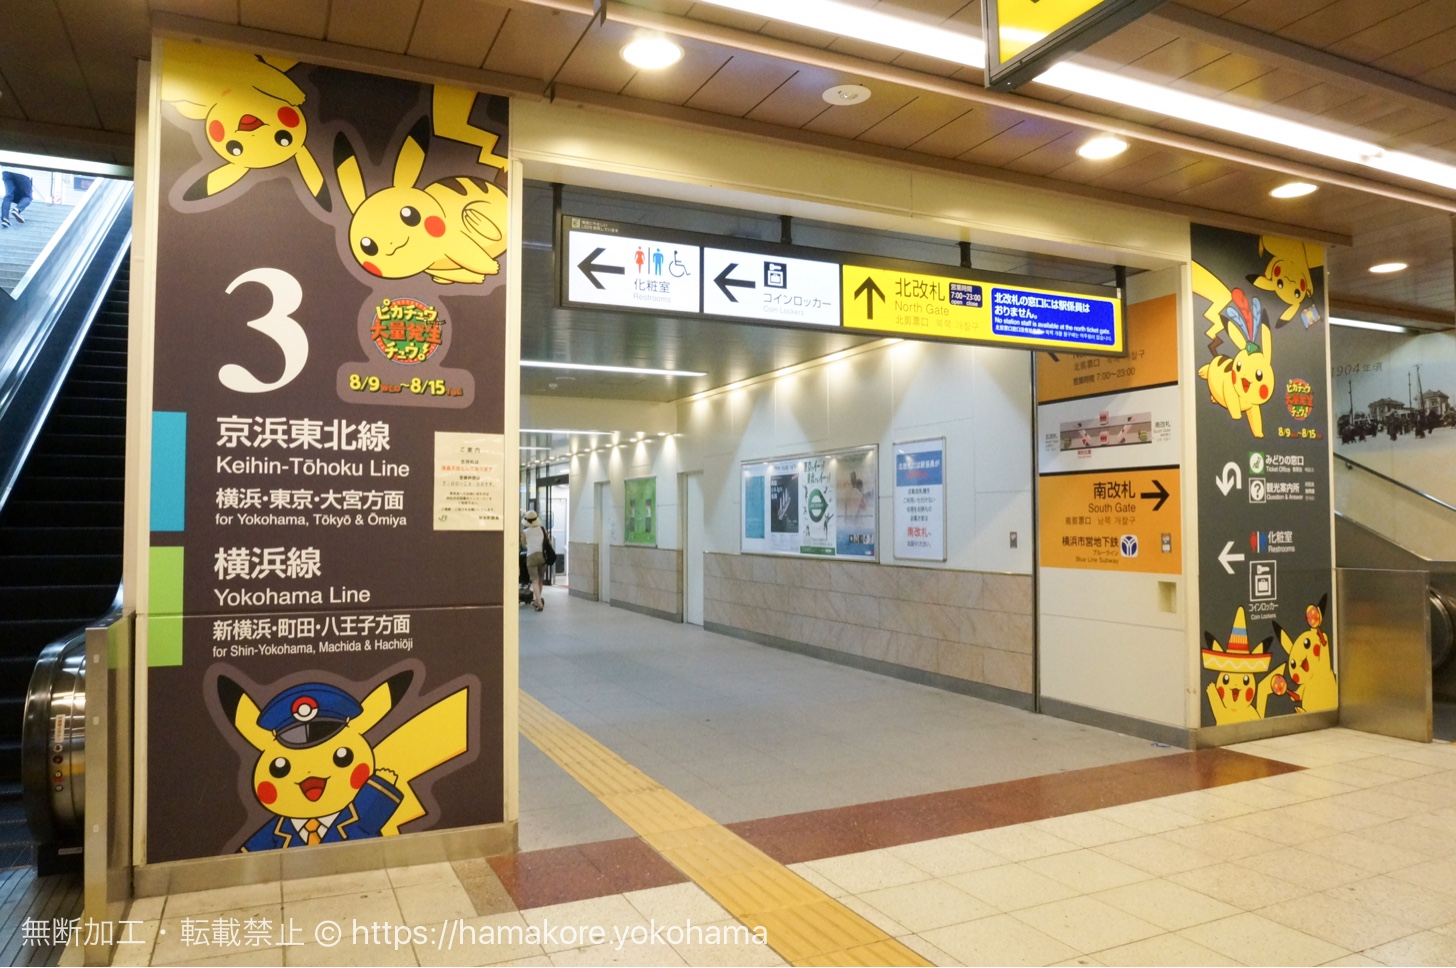 JR桜木町駅 構内のピカチュウ